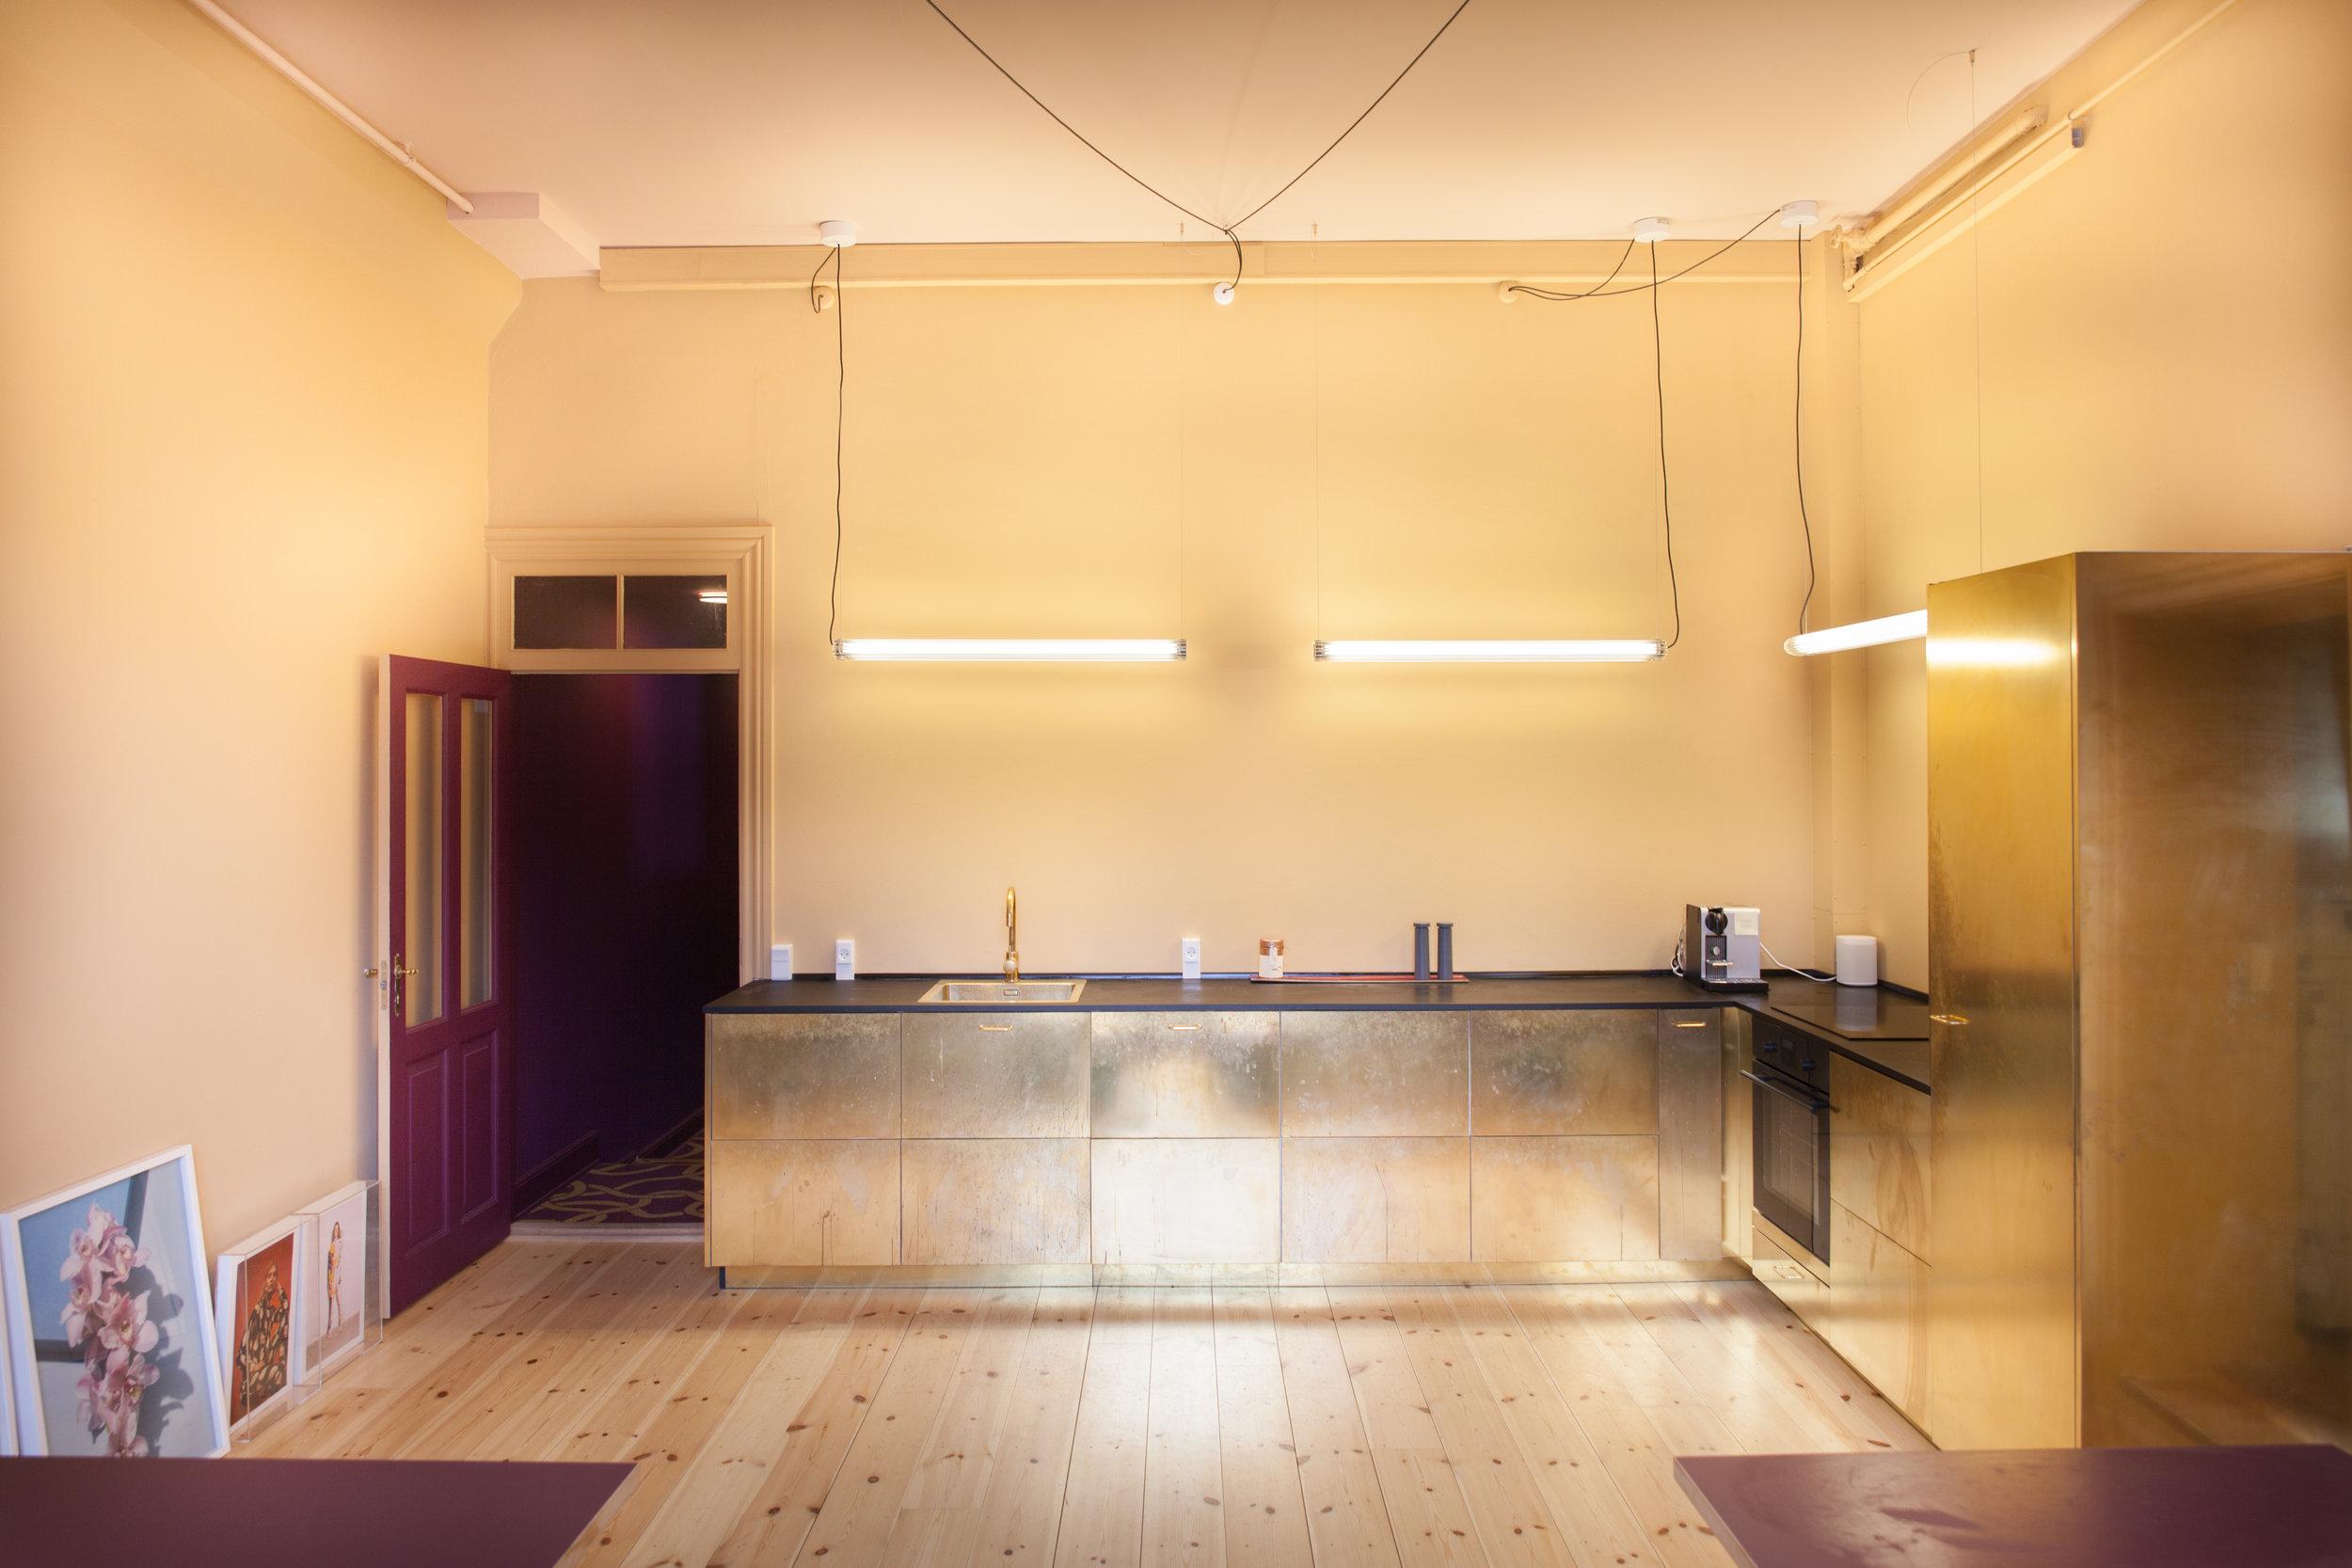 ROAM_Stine_Goya_Kitchen-4862.jpg